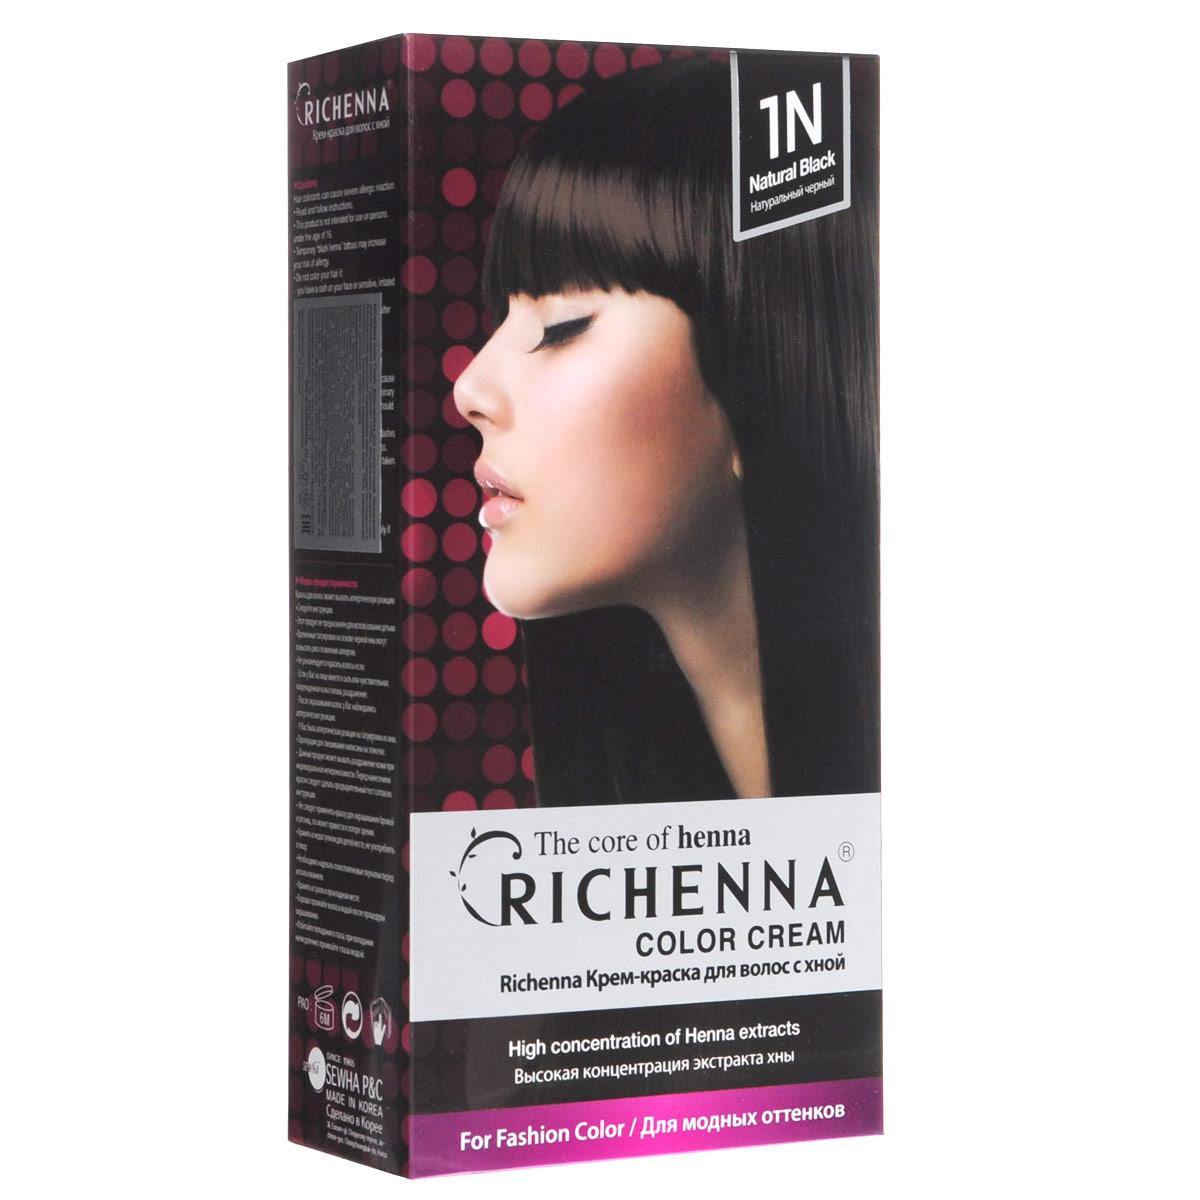 Richenna Крем-краска для волос, с хной, оттенок 1N Натуральный черный29001Крем-краска для волос Richenna с хной позволяет уменьшить повреждение волос, сделать их эластичными и здоровыми, придать волосам живой цвет и красивый блеск. Не раздражая кожу, крем-краска полностью закрашивает седину и обладает приятным цветочным ароматом.Рекомендуется для безопасного изменения цвета волос, полного окрашивания седых волос и в случае повышенной чувствительности к искусственным компонентам краски для волос.Благодаря кремовой текстуре хорошо наносится и не течет.Время окрашивания 20-30 минут.Упаковка средства в 2-х отдельных тубах позволяет использовать средство несколько раз в зависимости от объема и длины волос.Объем крема-краски 60 г, объем крема-окислителя 60 г, объем шампуня с хной 10 мл, объем кондиционера с хной 7 мл.В комплекте: 1 тюбик с крем-краской, 1 тюбик с крем-окислителем, пакетик с шампунем, пакетик с кондиционером, 1 пара перчаток, накидка, пластиковая тара, расческа-кисточка для нанесения и распределения крем-краски и инструкция по применению.Товар сертифицирован.